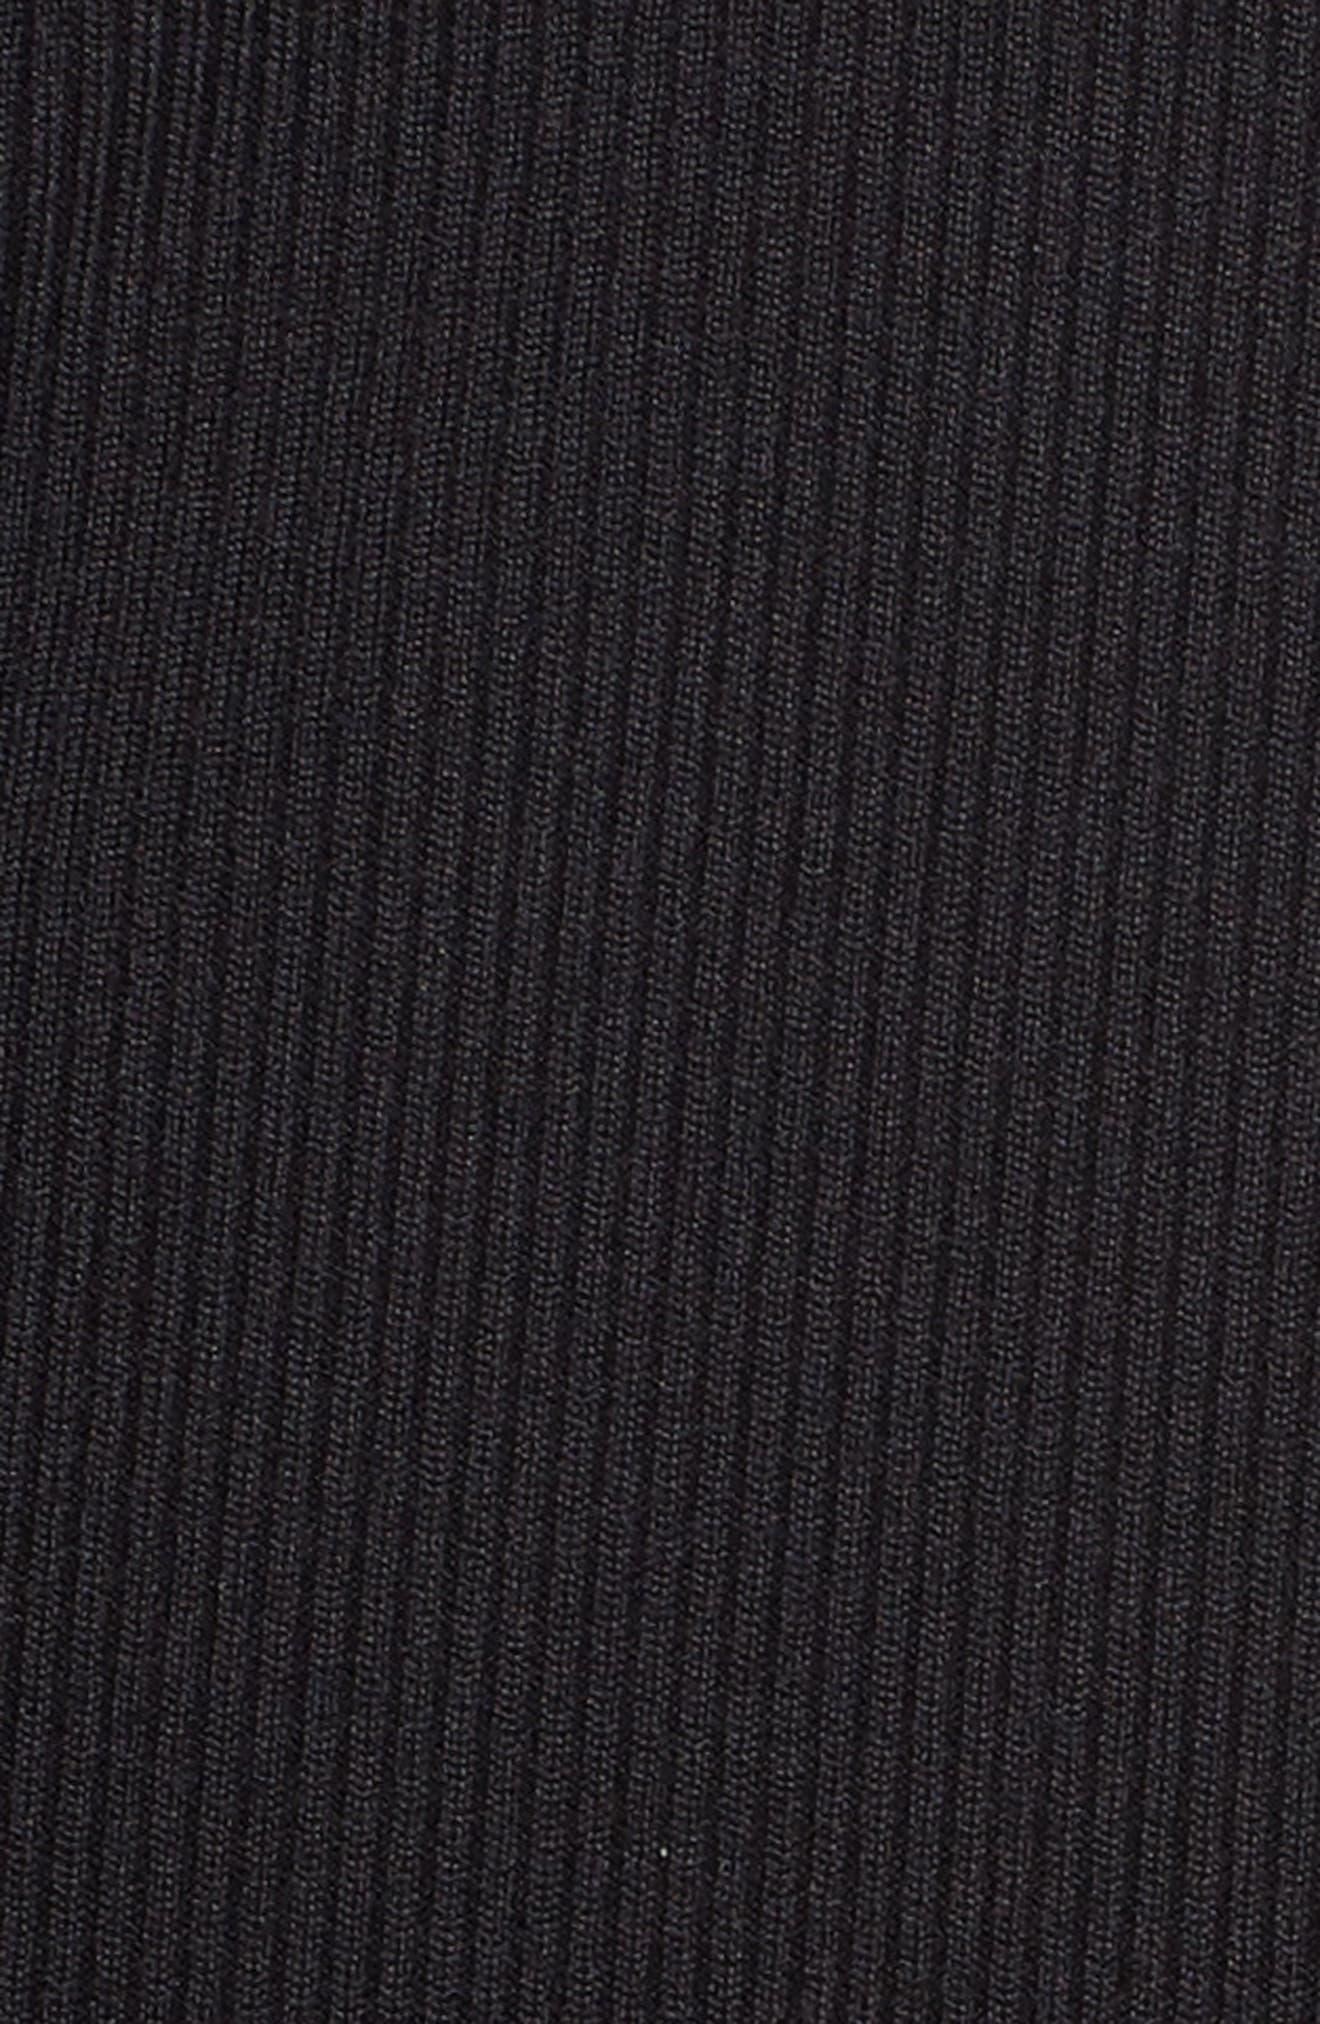 Rebel Jogger Pants,                             Alternate thumbnail 5, color,                             BLACK